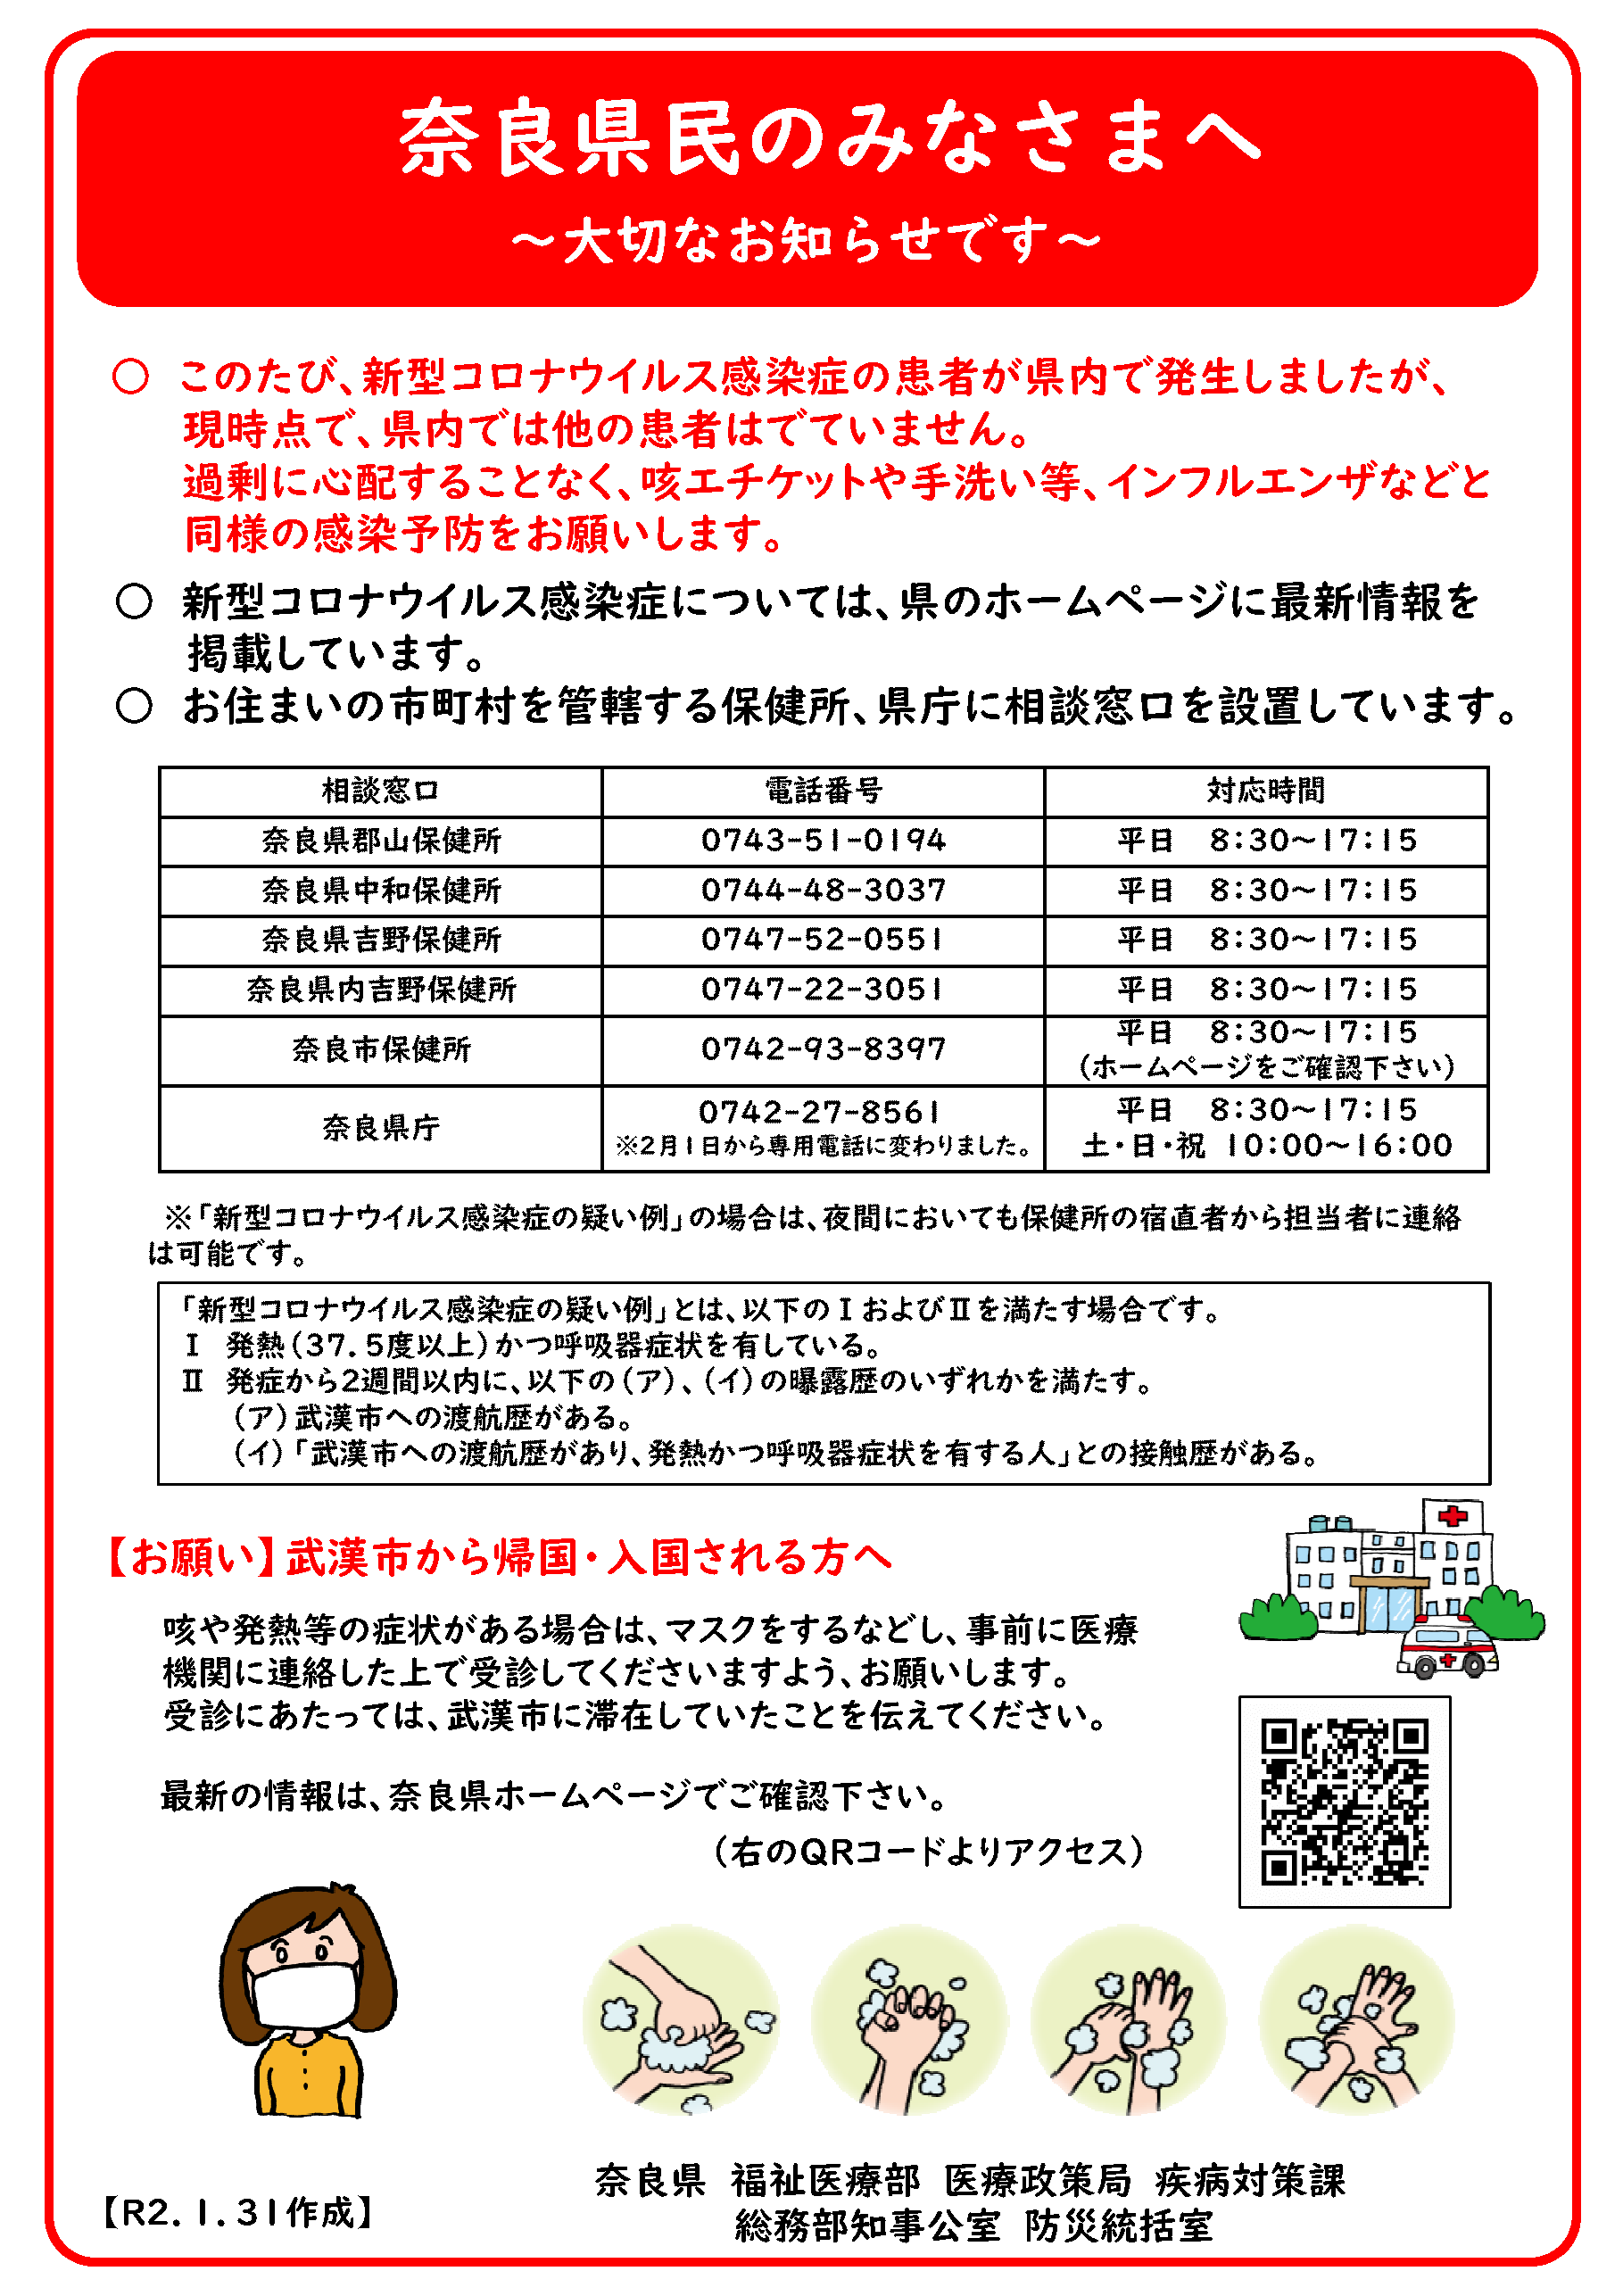 奈良 県 コロナ 最新